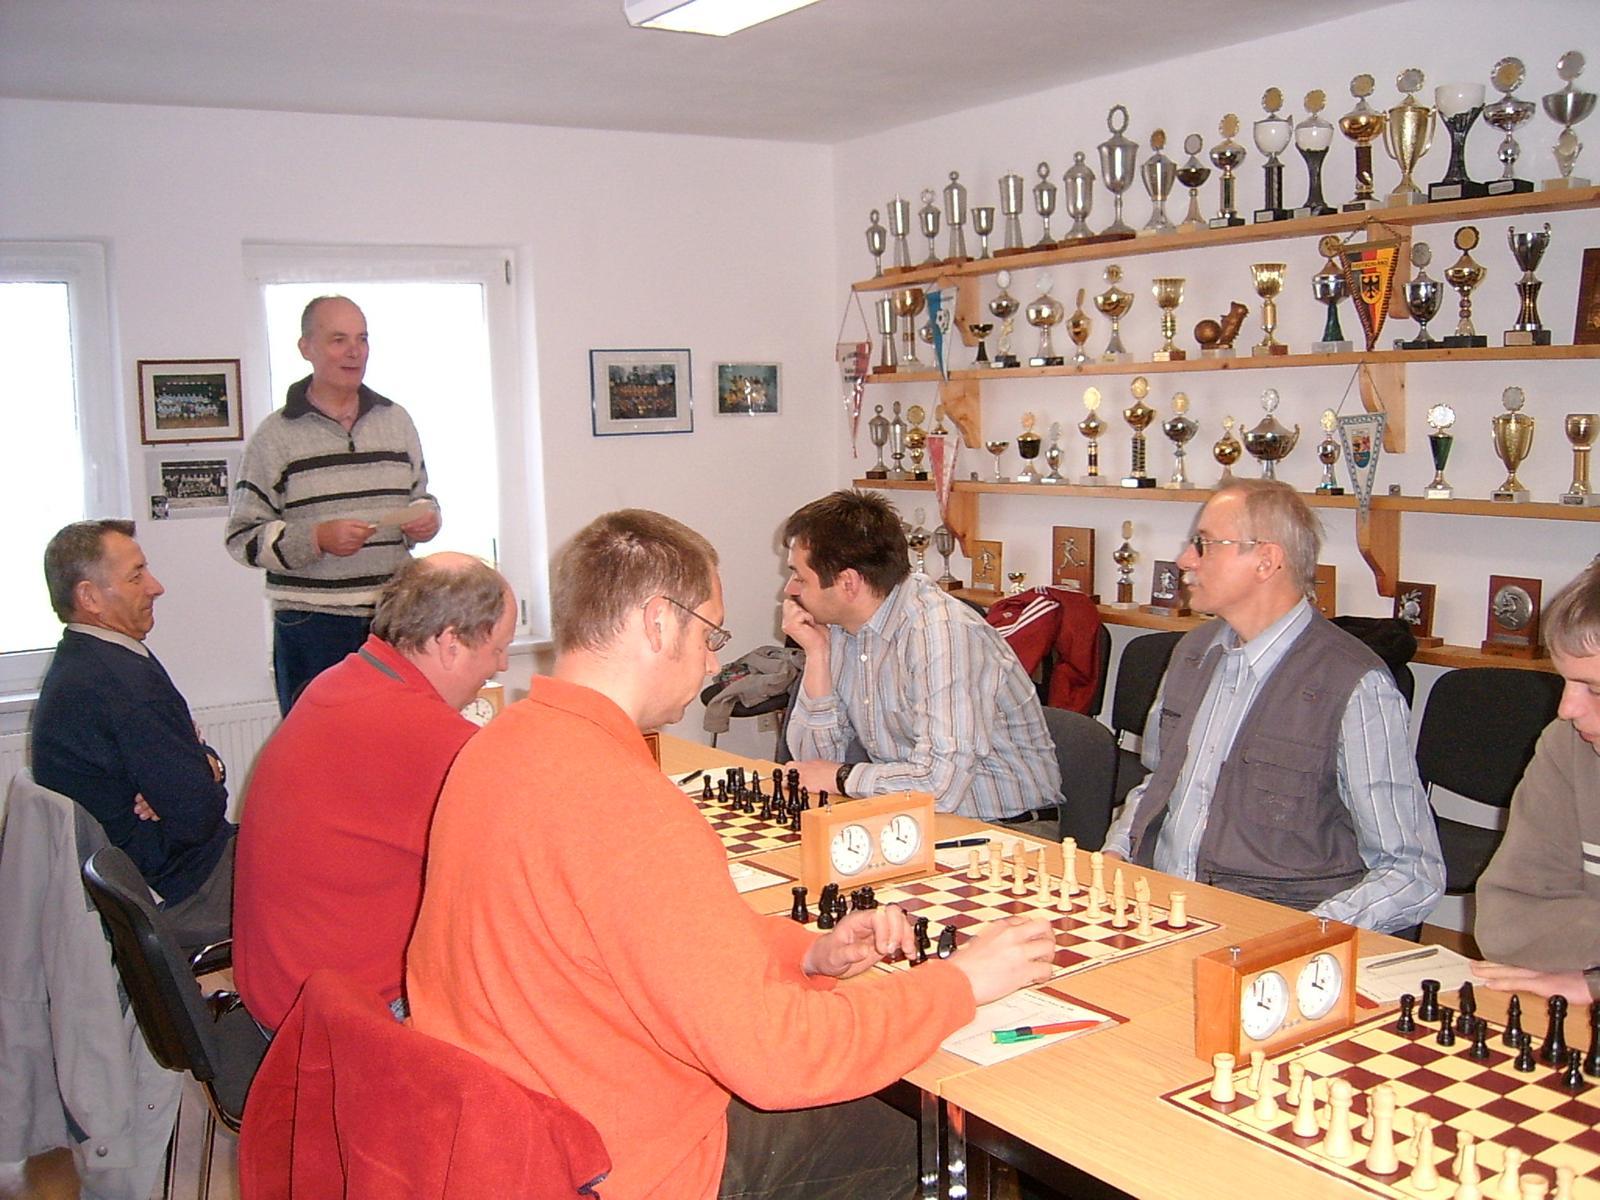 Maenner 9. Rd. 2003-04 Gnoien Pasewalk